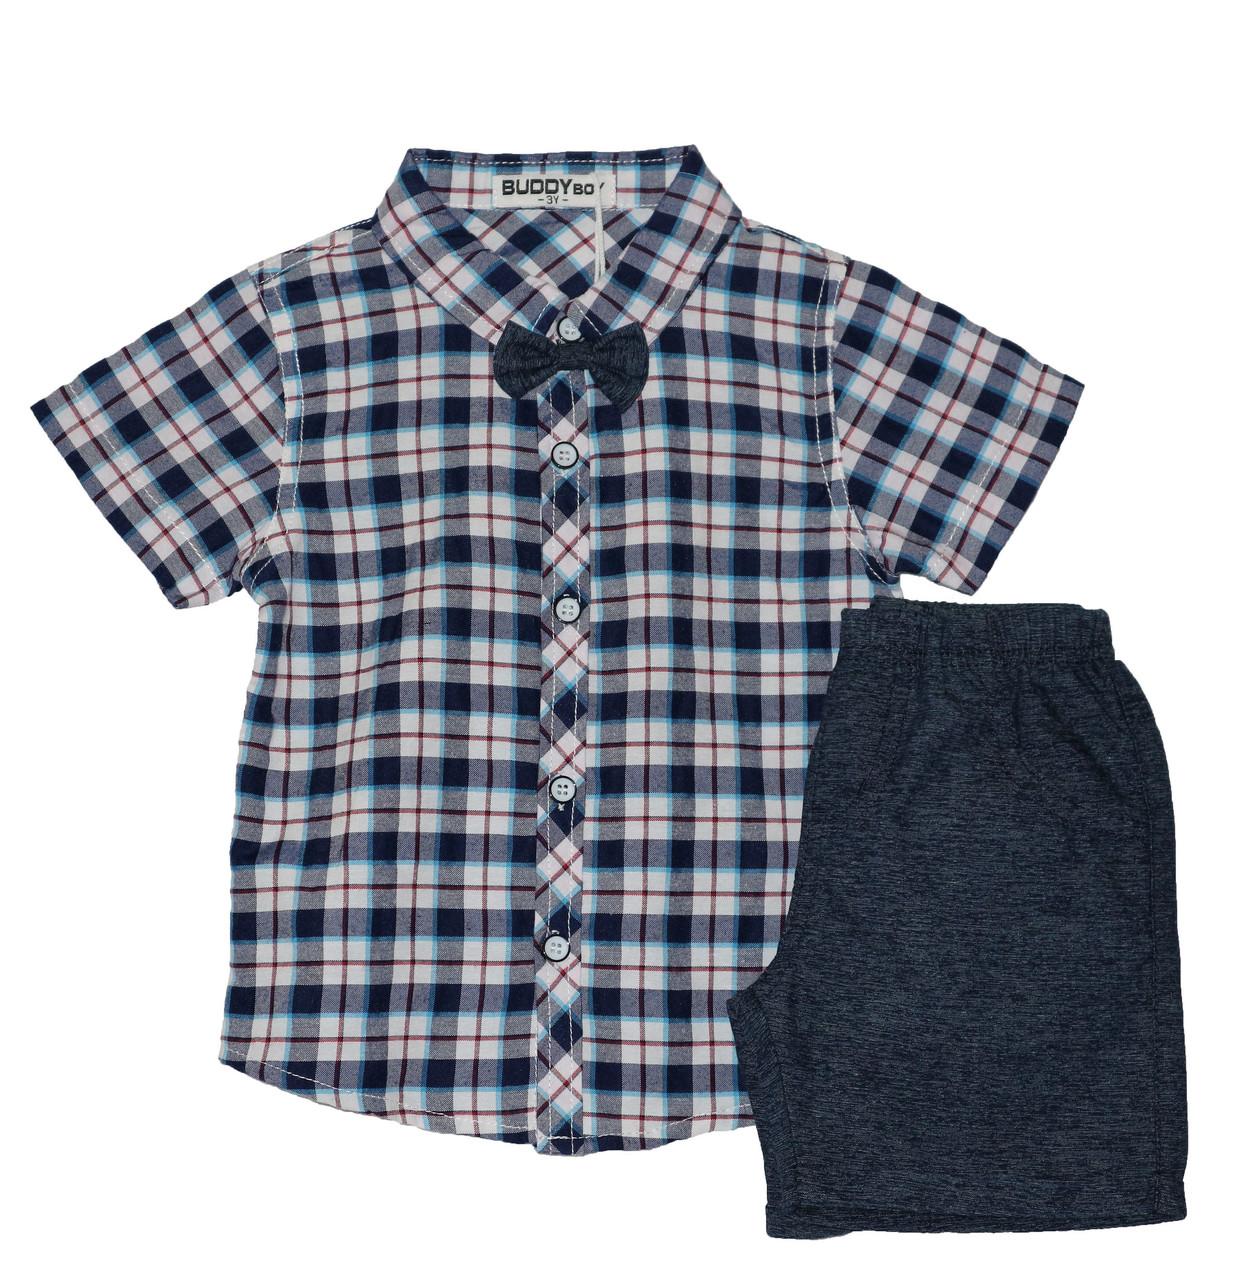 8ffc0d9d34b1715 Стильные комплекты для мальчика B.Boys Венгрия - Arinka - интернет-магазин качественной  детской